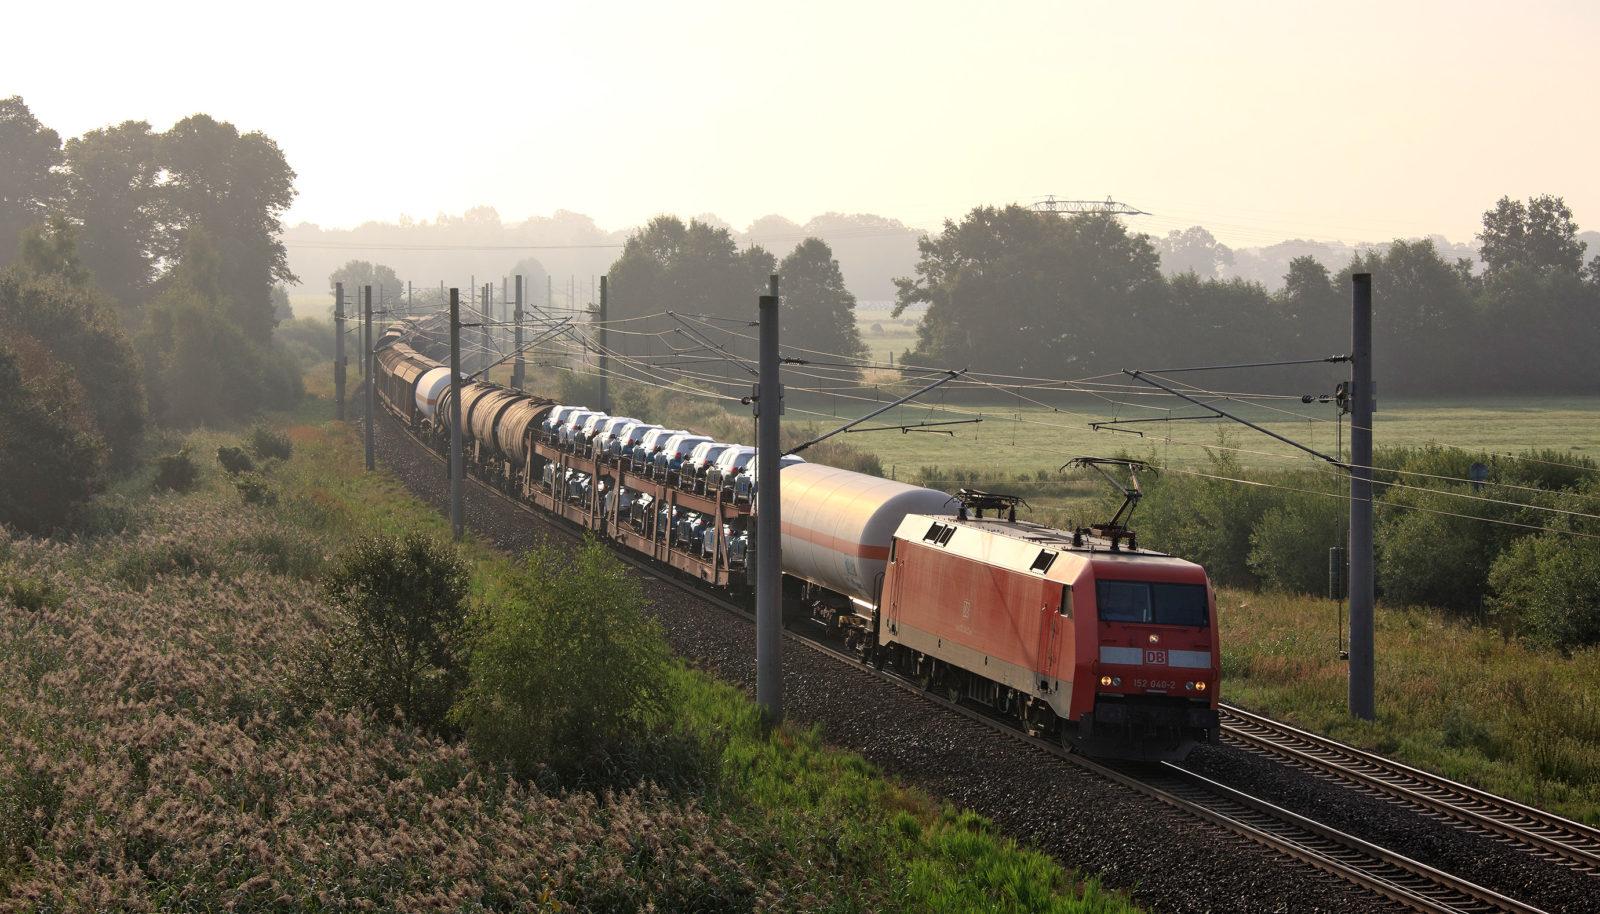 Ein Güterzug in Standardlänge von 740 Metern ersetzt 52 Lkw. Das UBA springt jetzt den Güterbahnchefs bei. Auch die Verkehrsminister debattieren in Stuttgart die Vorteile eines Netzausbaus.